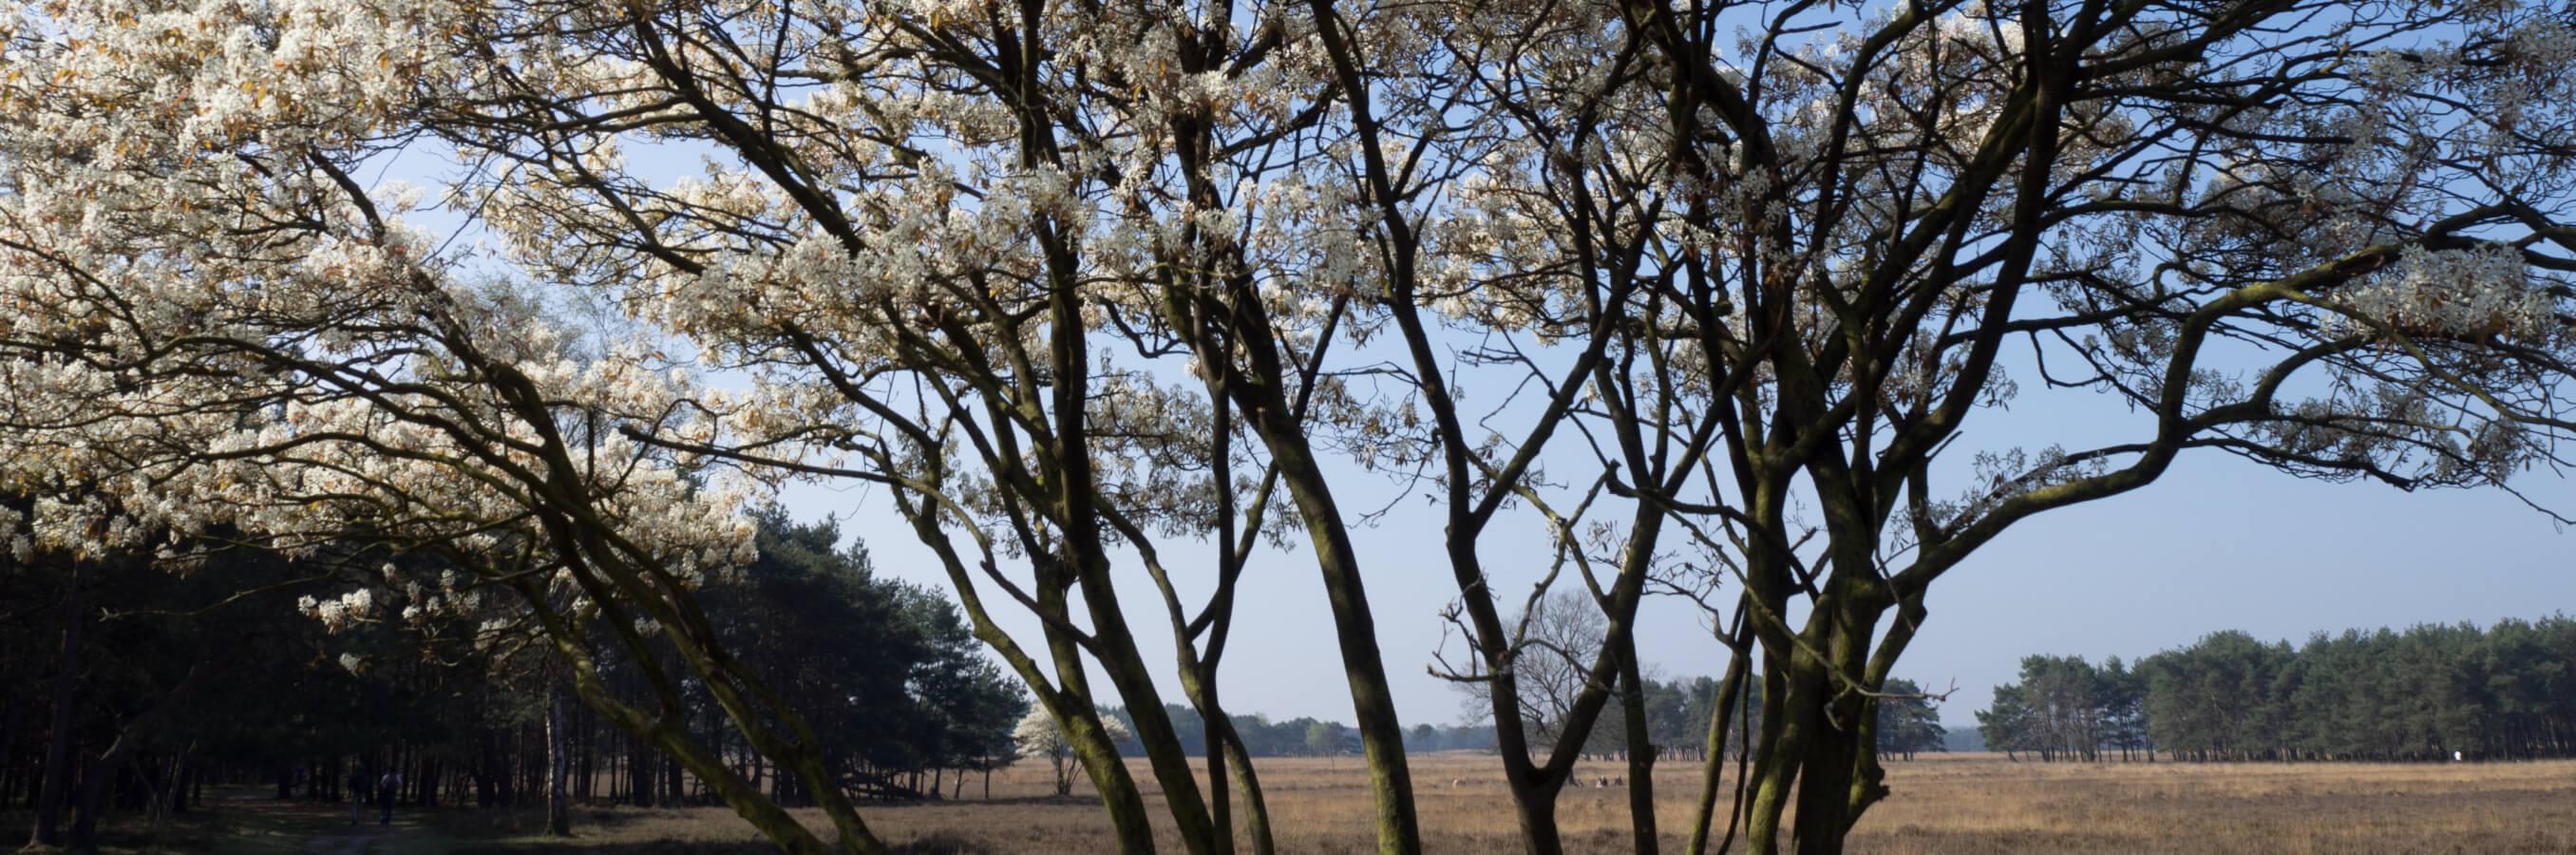 Heide Bussum krentenboom in bloei nabij locatie mindfulnesstraining